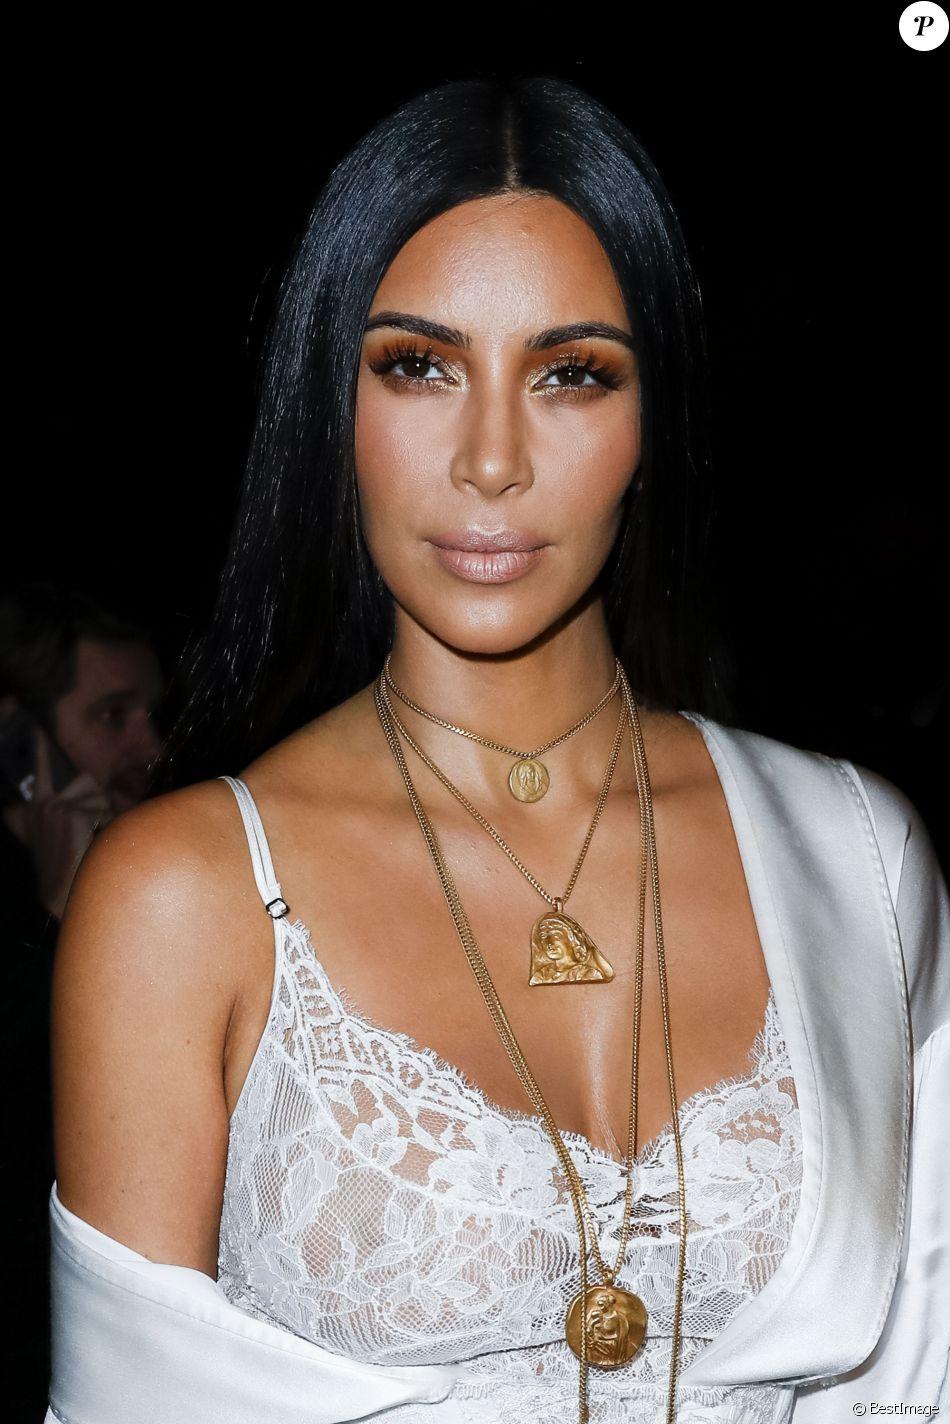 Info , 10 millions d\u0027euros de bijoux volés à Kim Kardashian lors du braquage